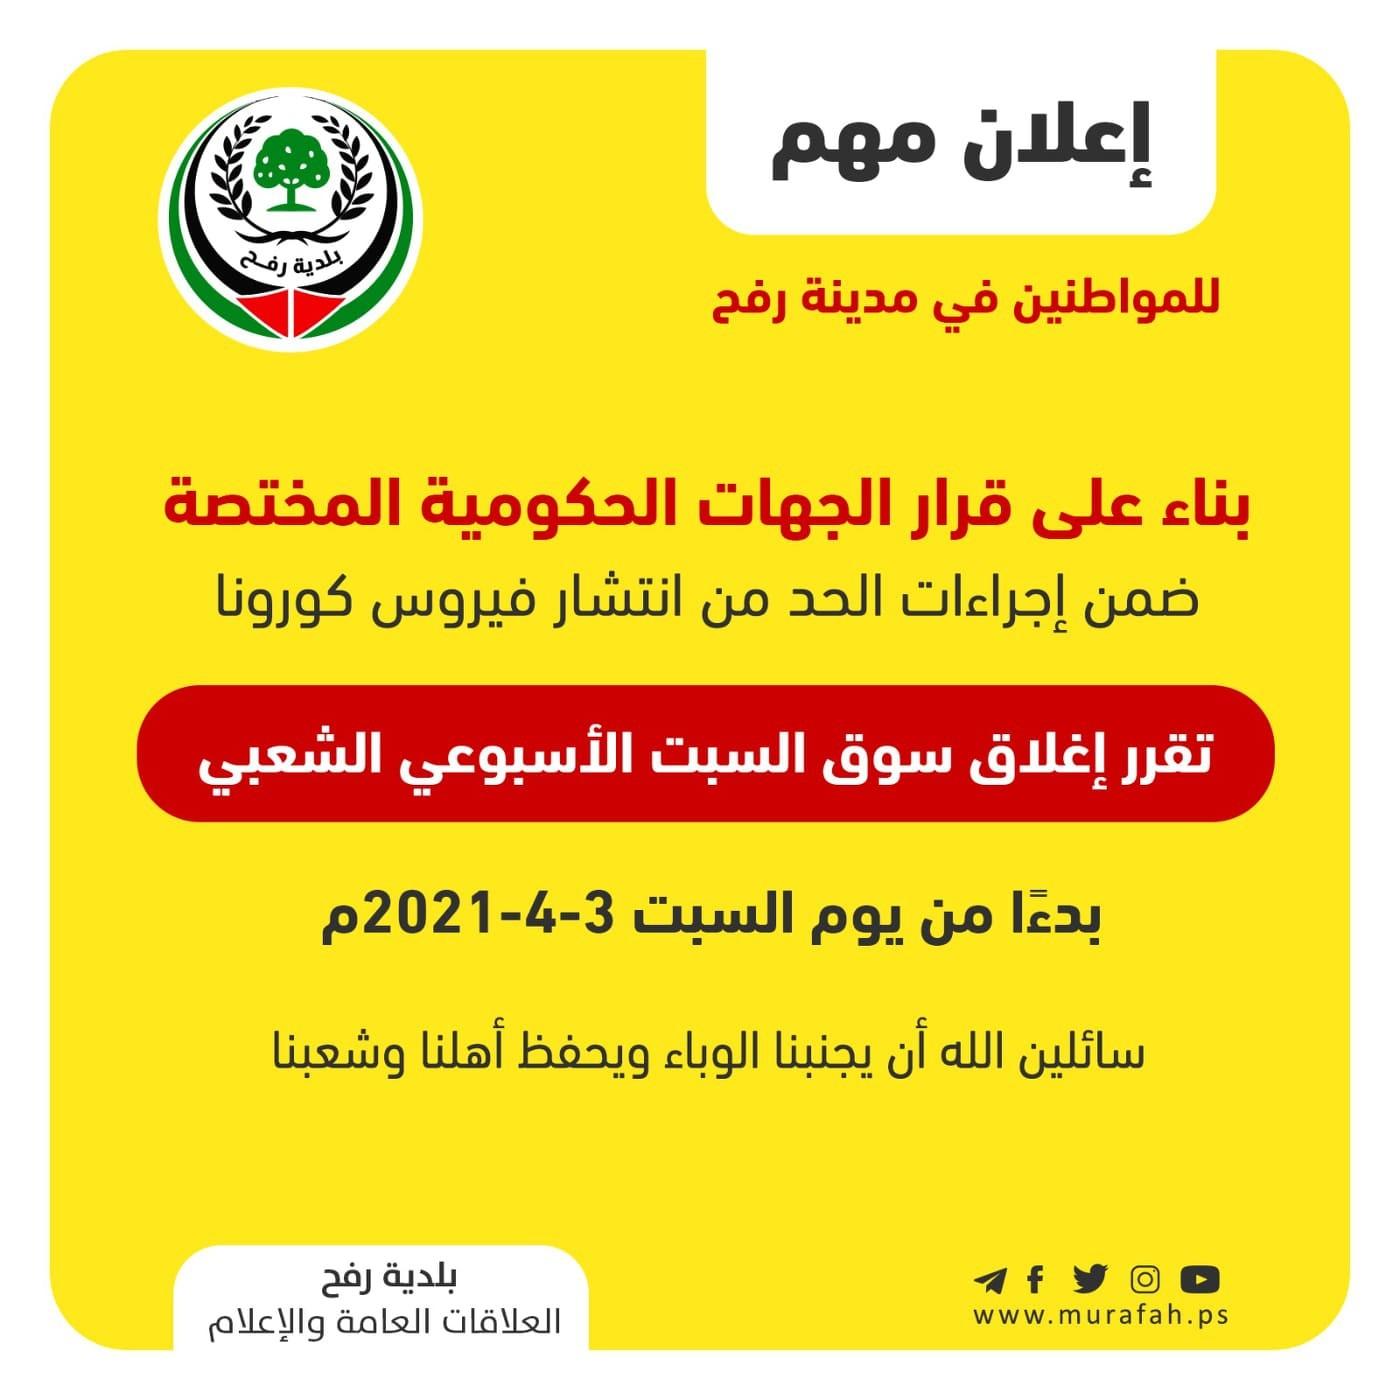 بلدية رفح تُصدر إعلاناً مهماً للمواطنين